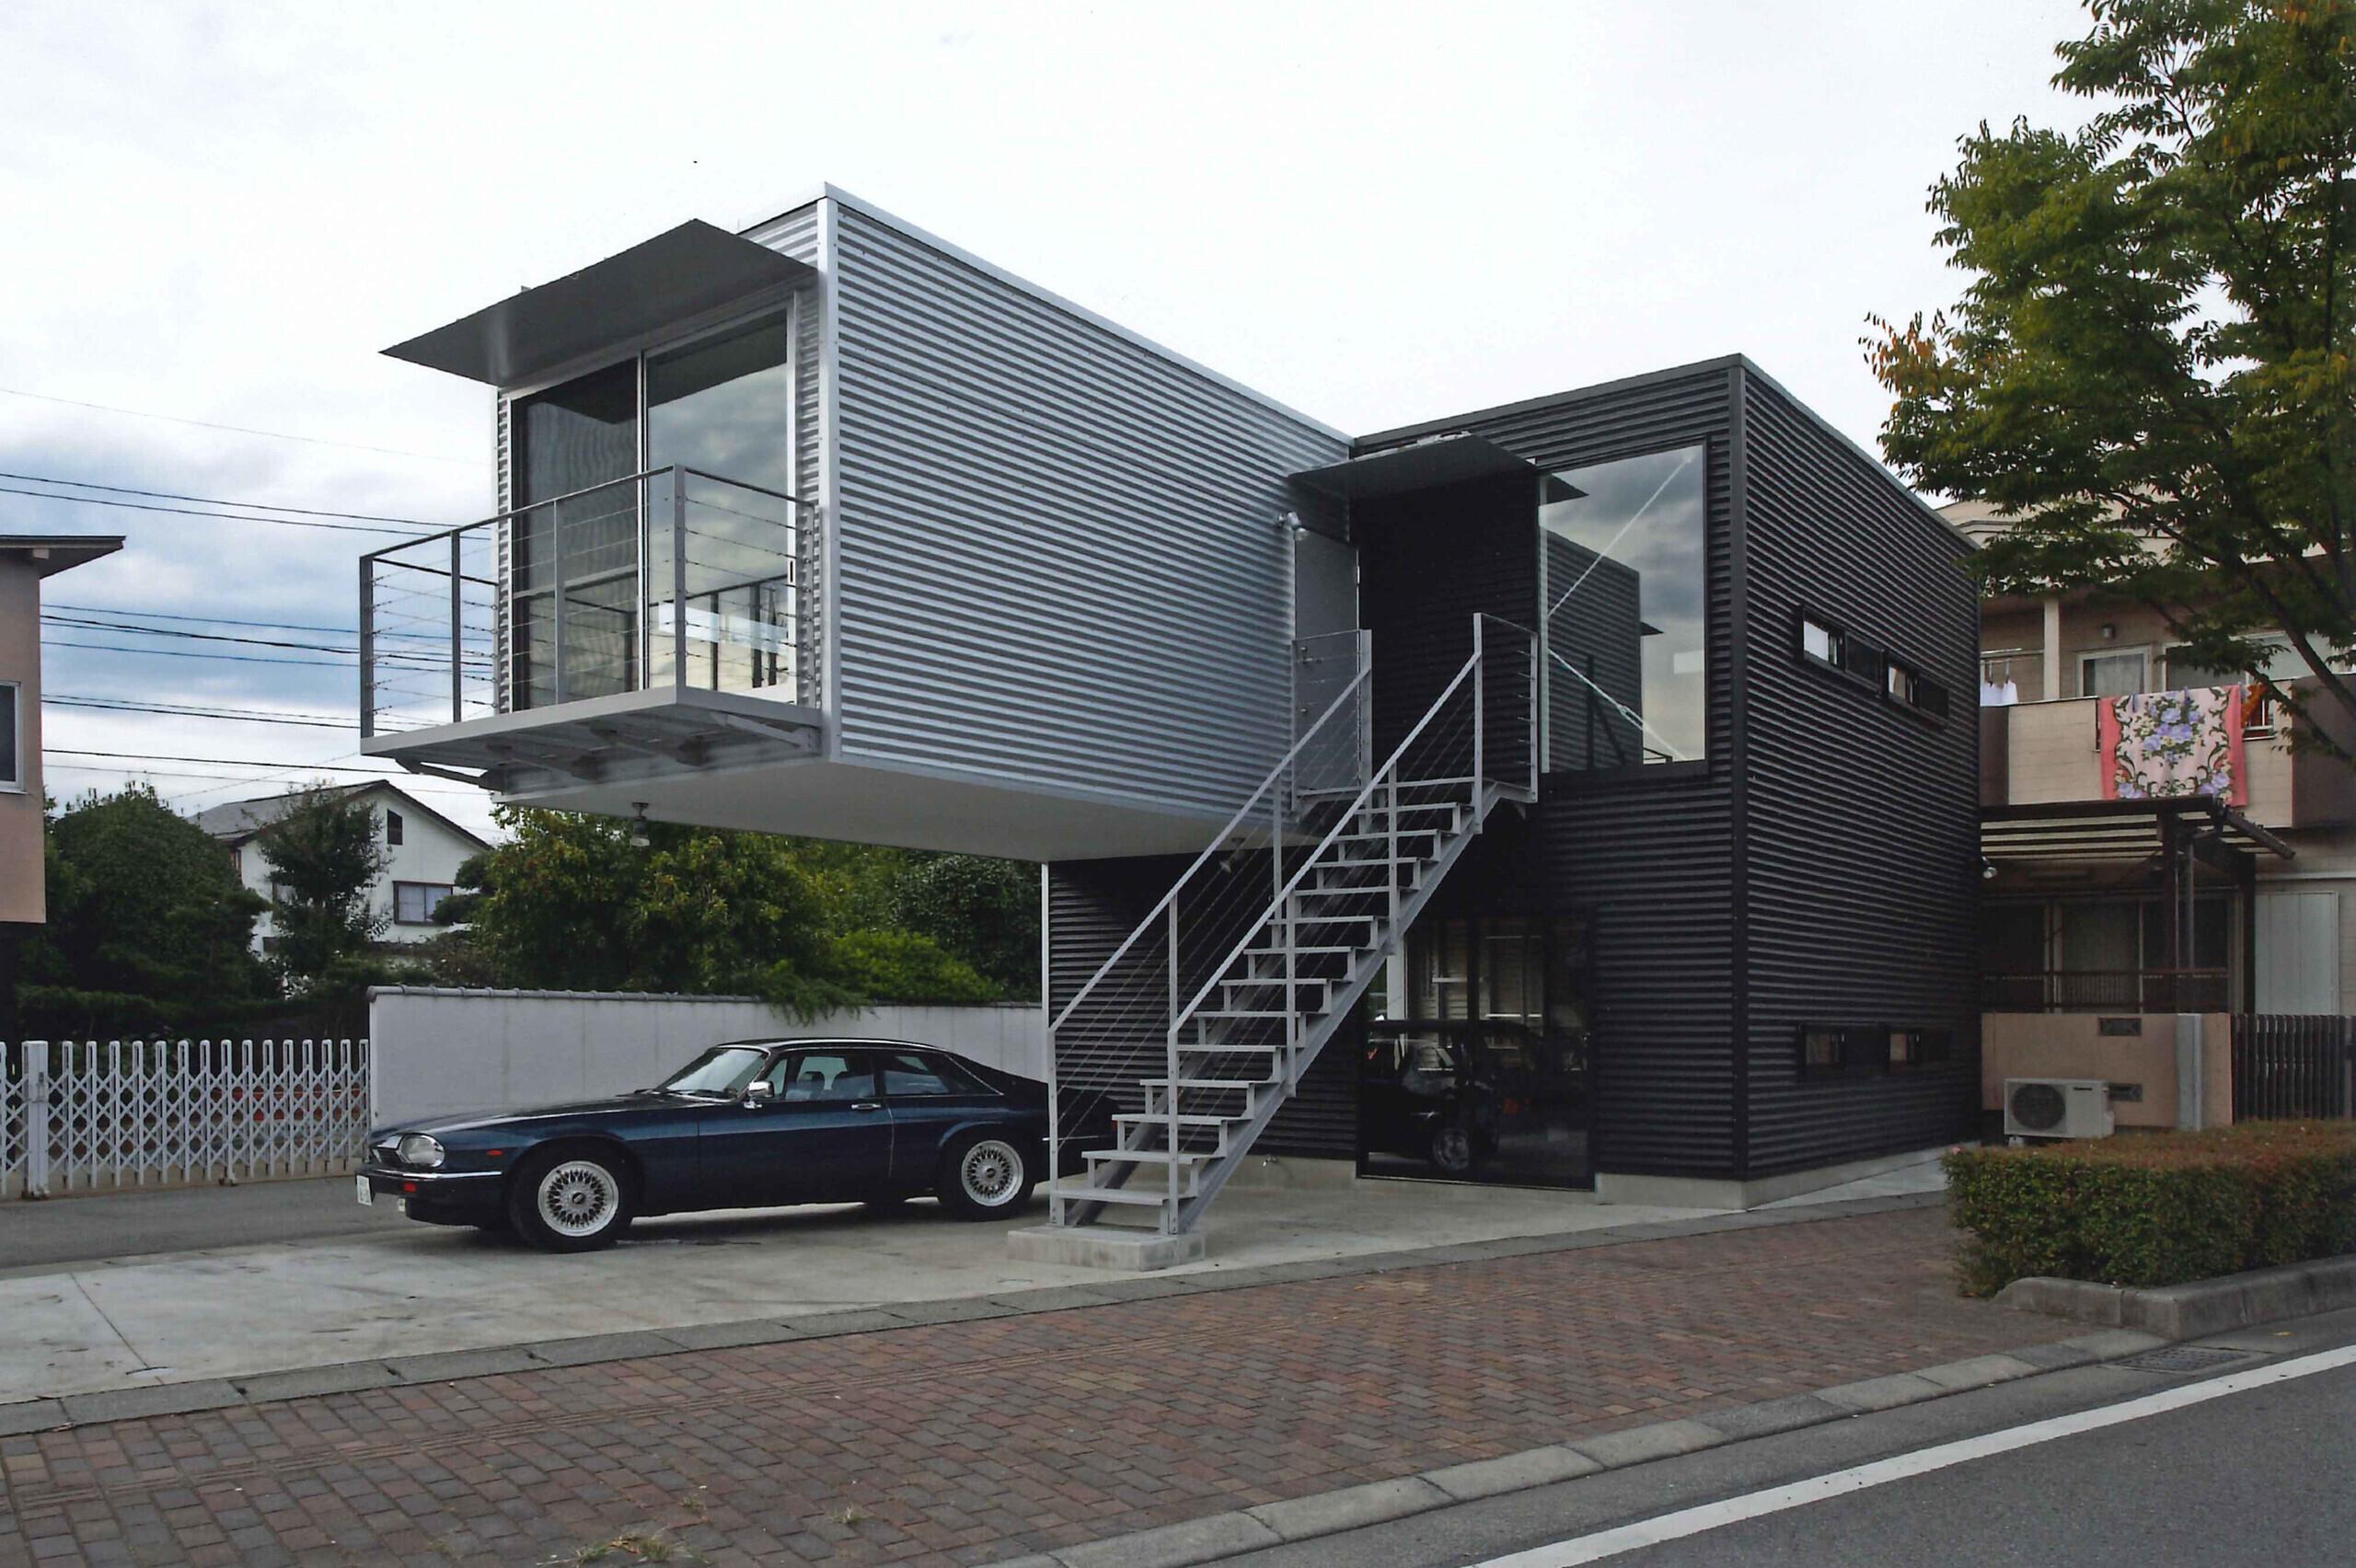 甲府ベース ガレージハウス 単身者用住居の建築事例写真